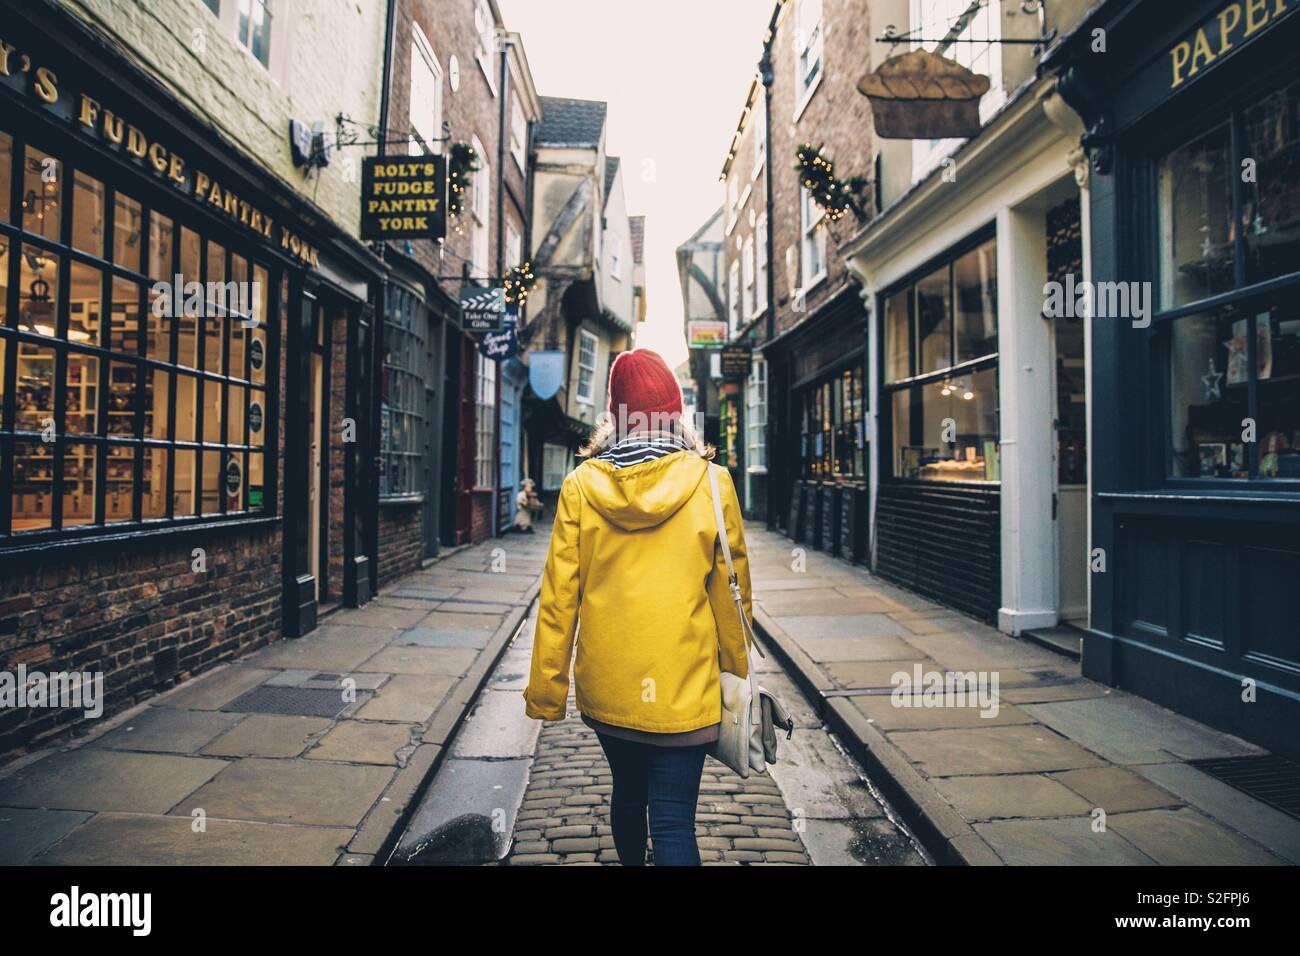 Vista trasera de una moda joven vistiendo un abrigo amarillo y caminaba por una calle comercial histórico y medieval conocida como The Shambles en York, REINO UNIDO Imagen De Stock